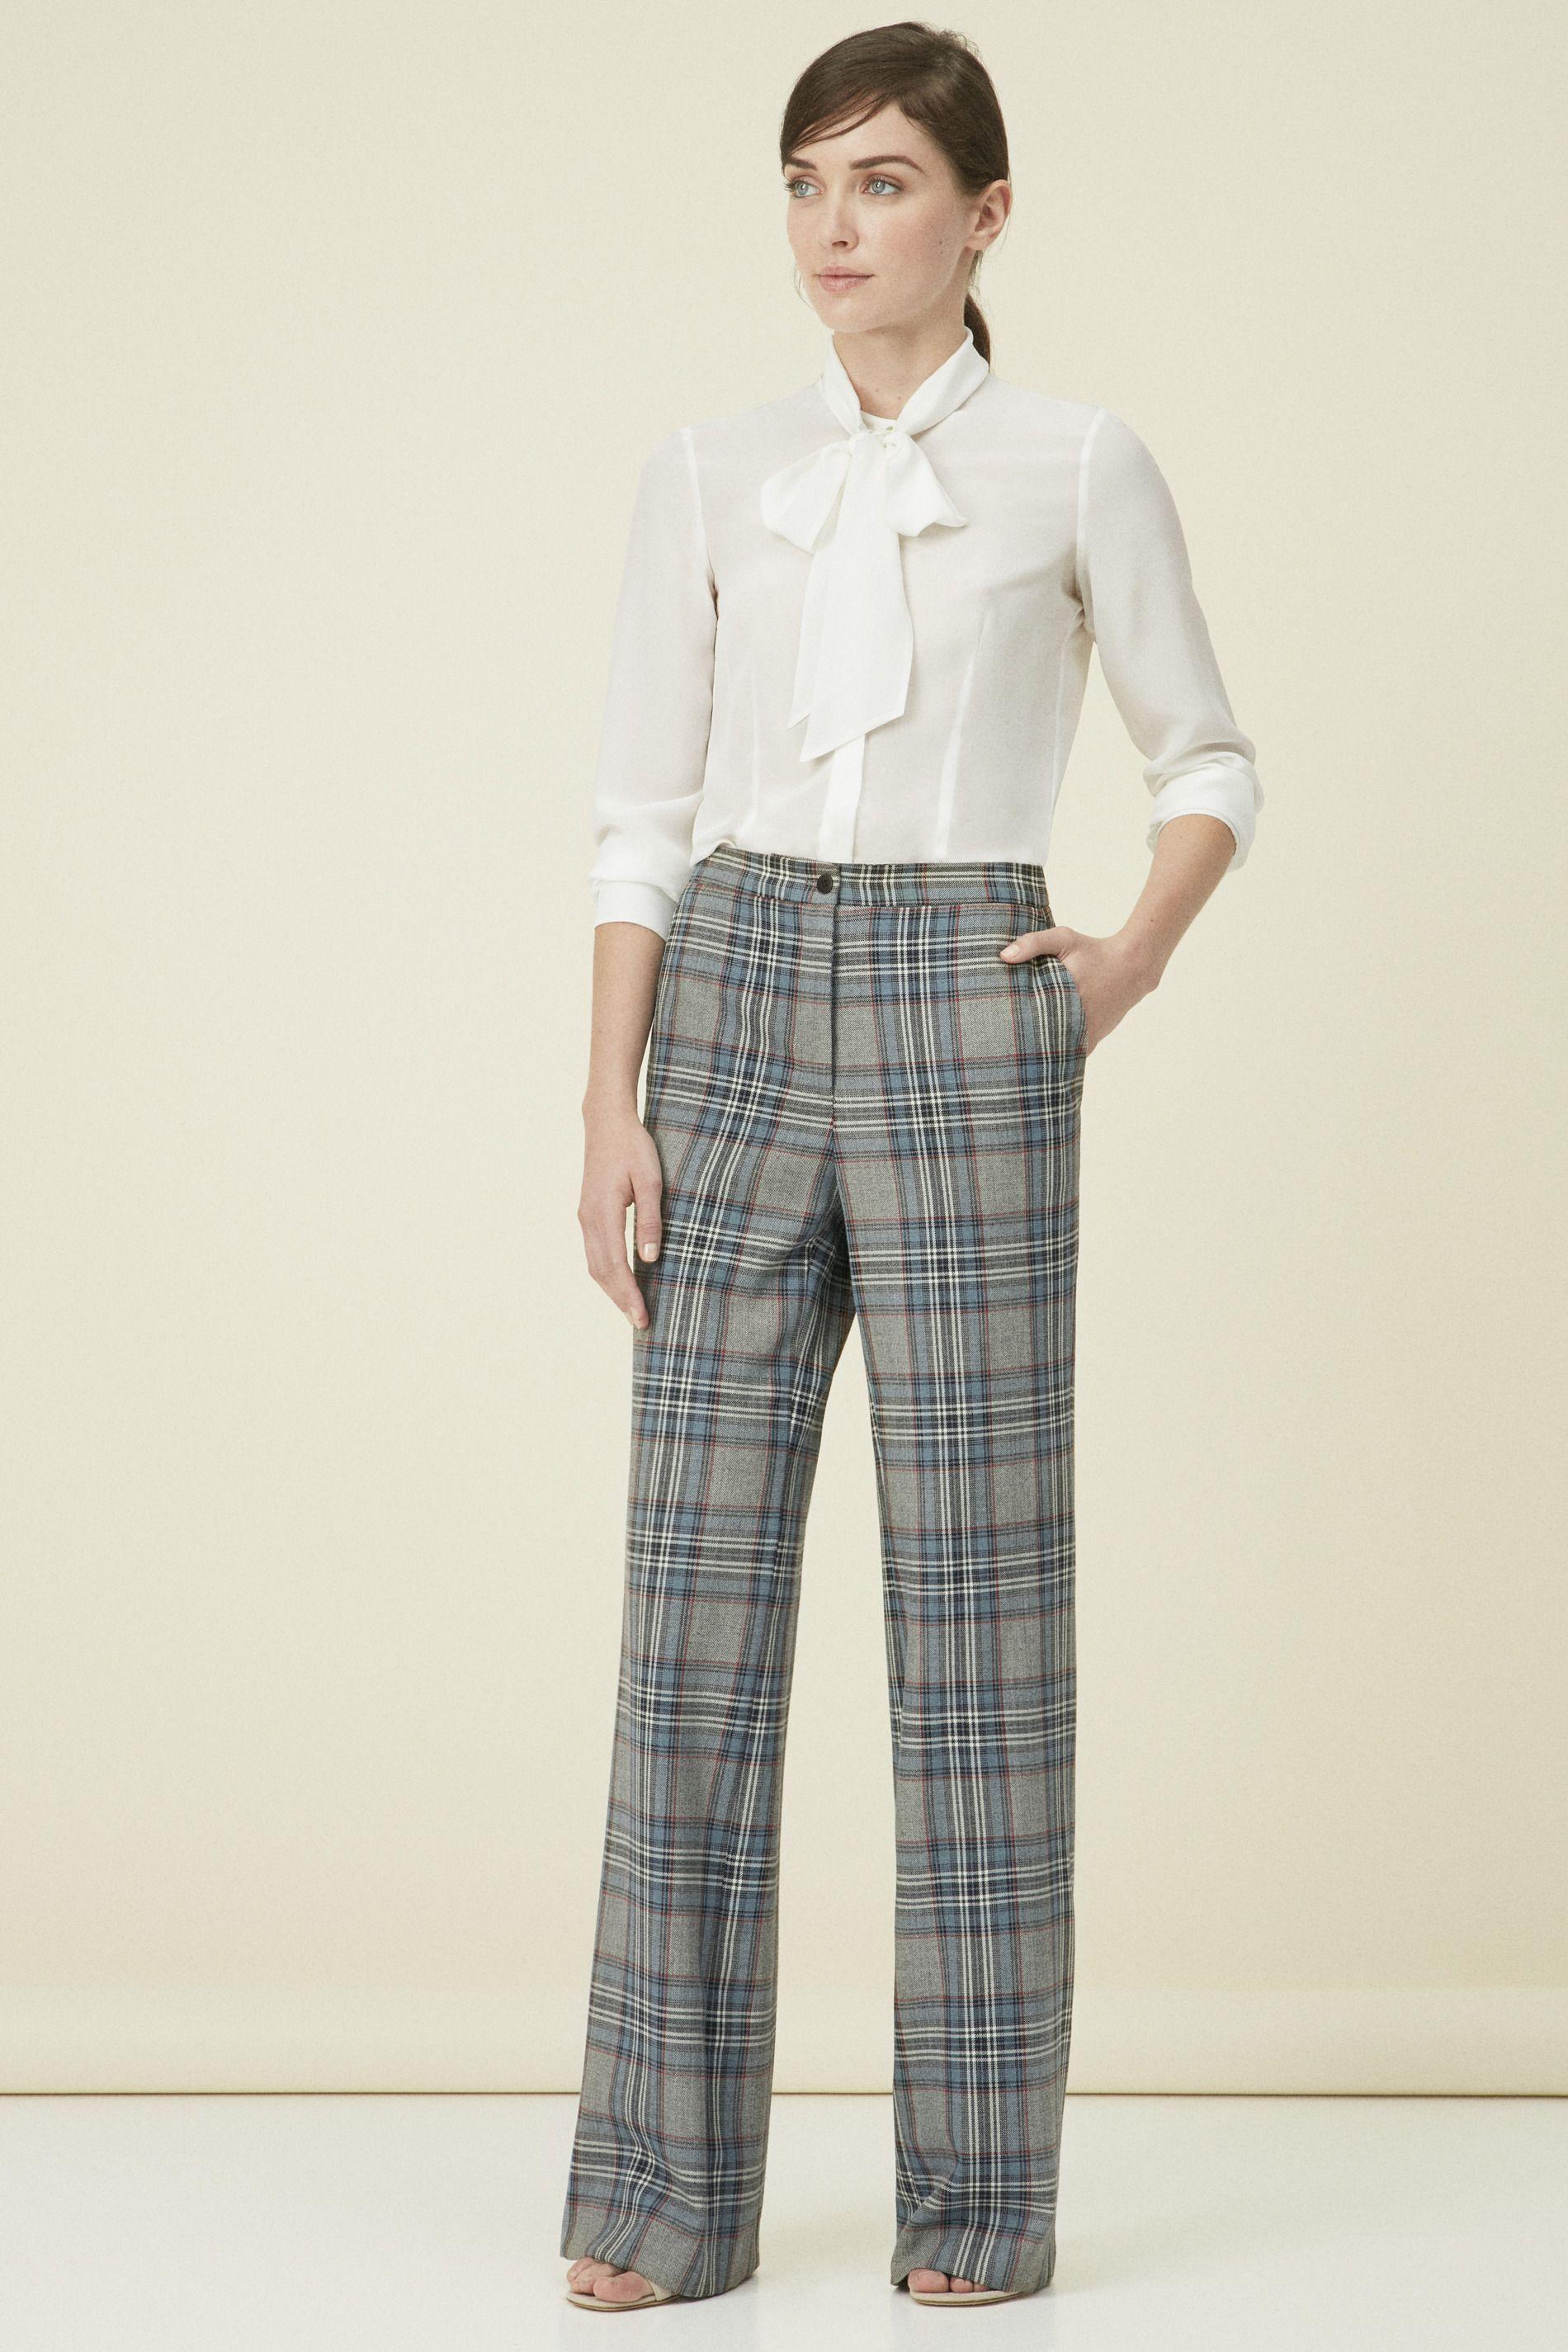 Pantalón Ancho Cuadro Gales Pantalones Mujer Purificación García Pantalon Ancho Mujer Pantalones Anchos Pantalones Mujer